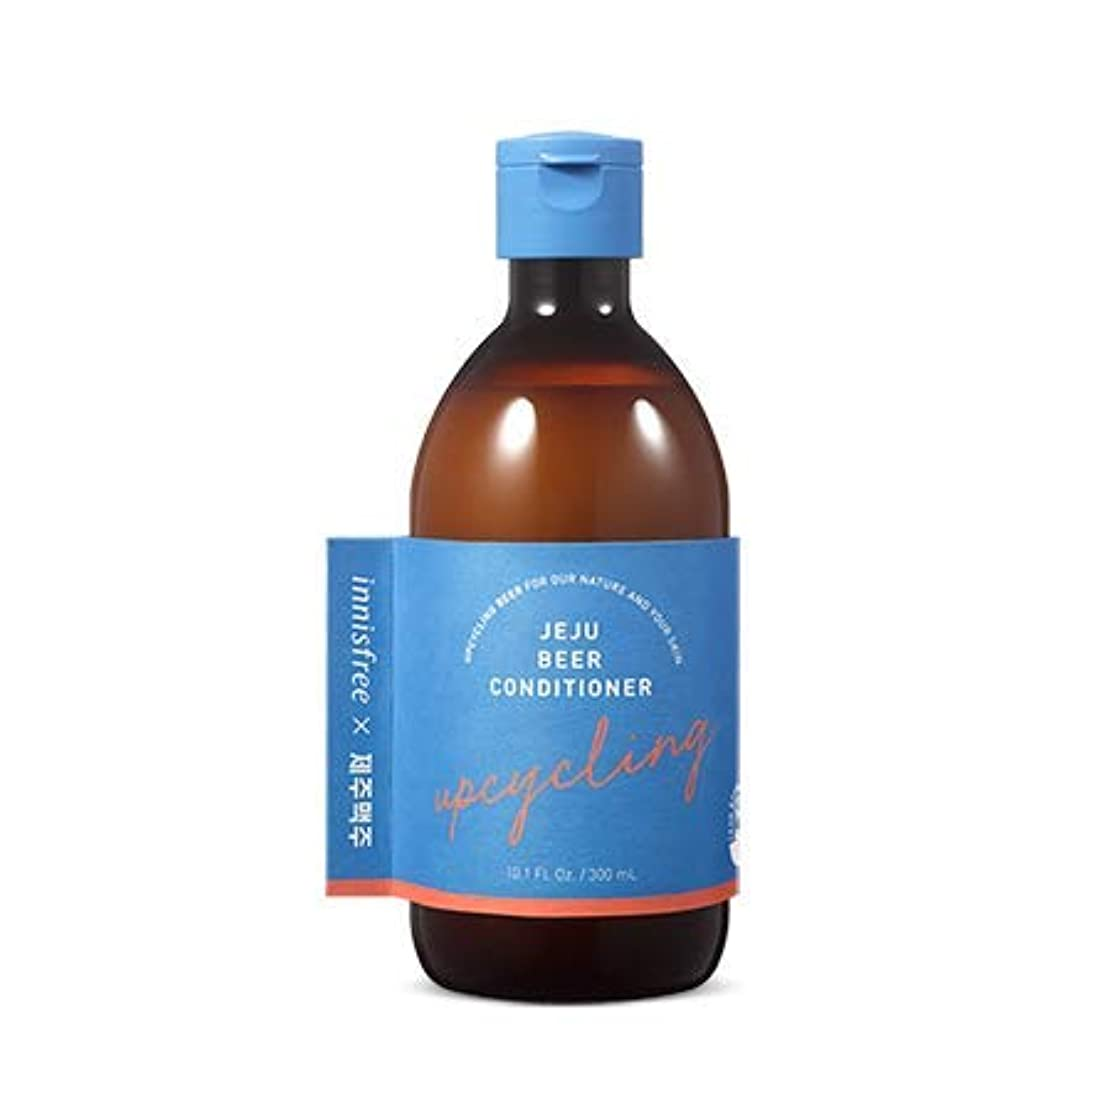 アーサーコナンドイル廃止ランチ[イニスフリー.innisfree] X済州ビールコンディショナー300mL(2019.06新発売)/ Innisfree X Jeju Beer Conditioner